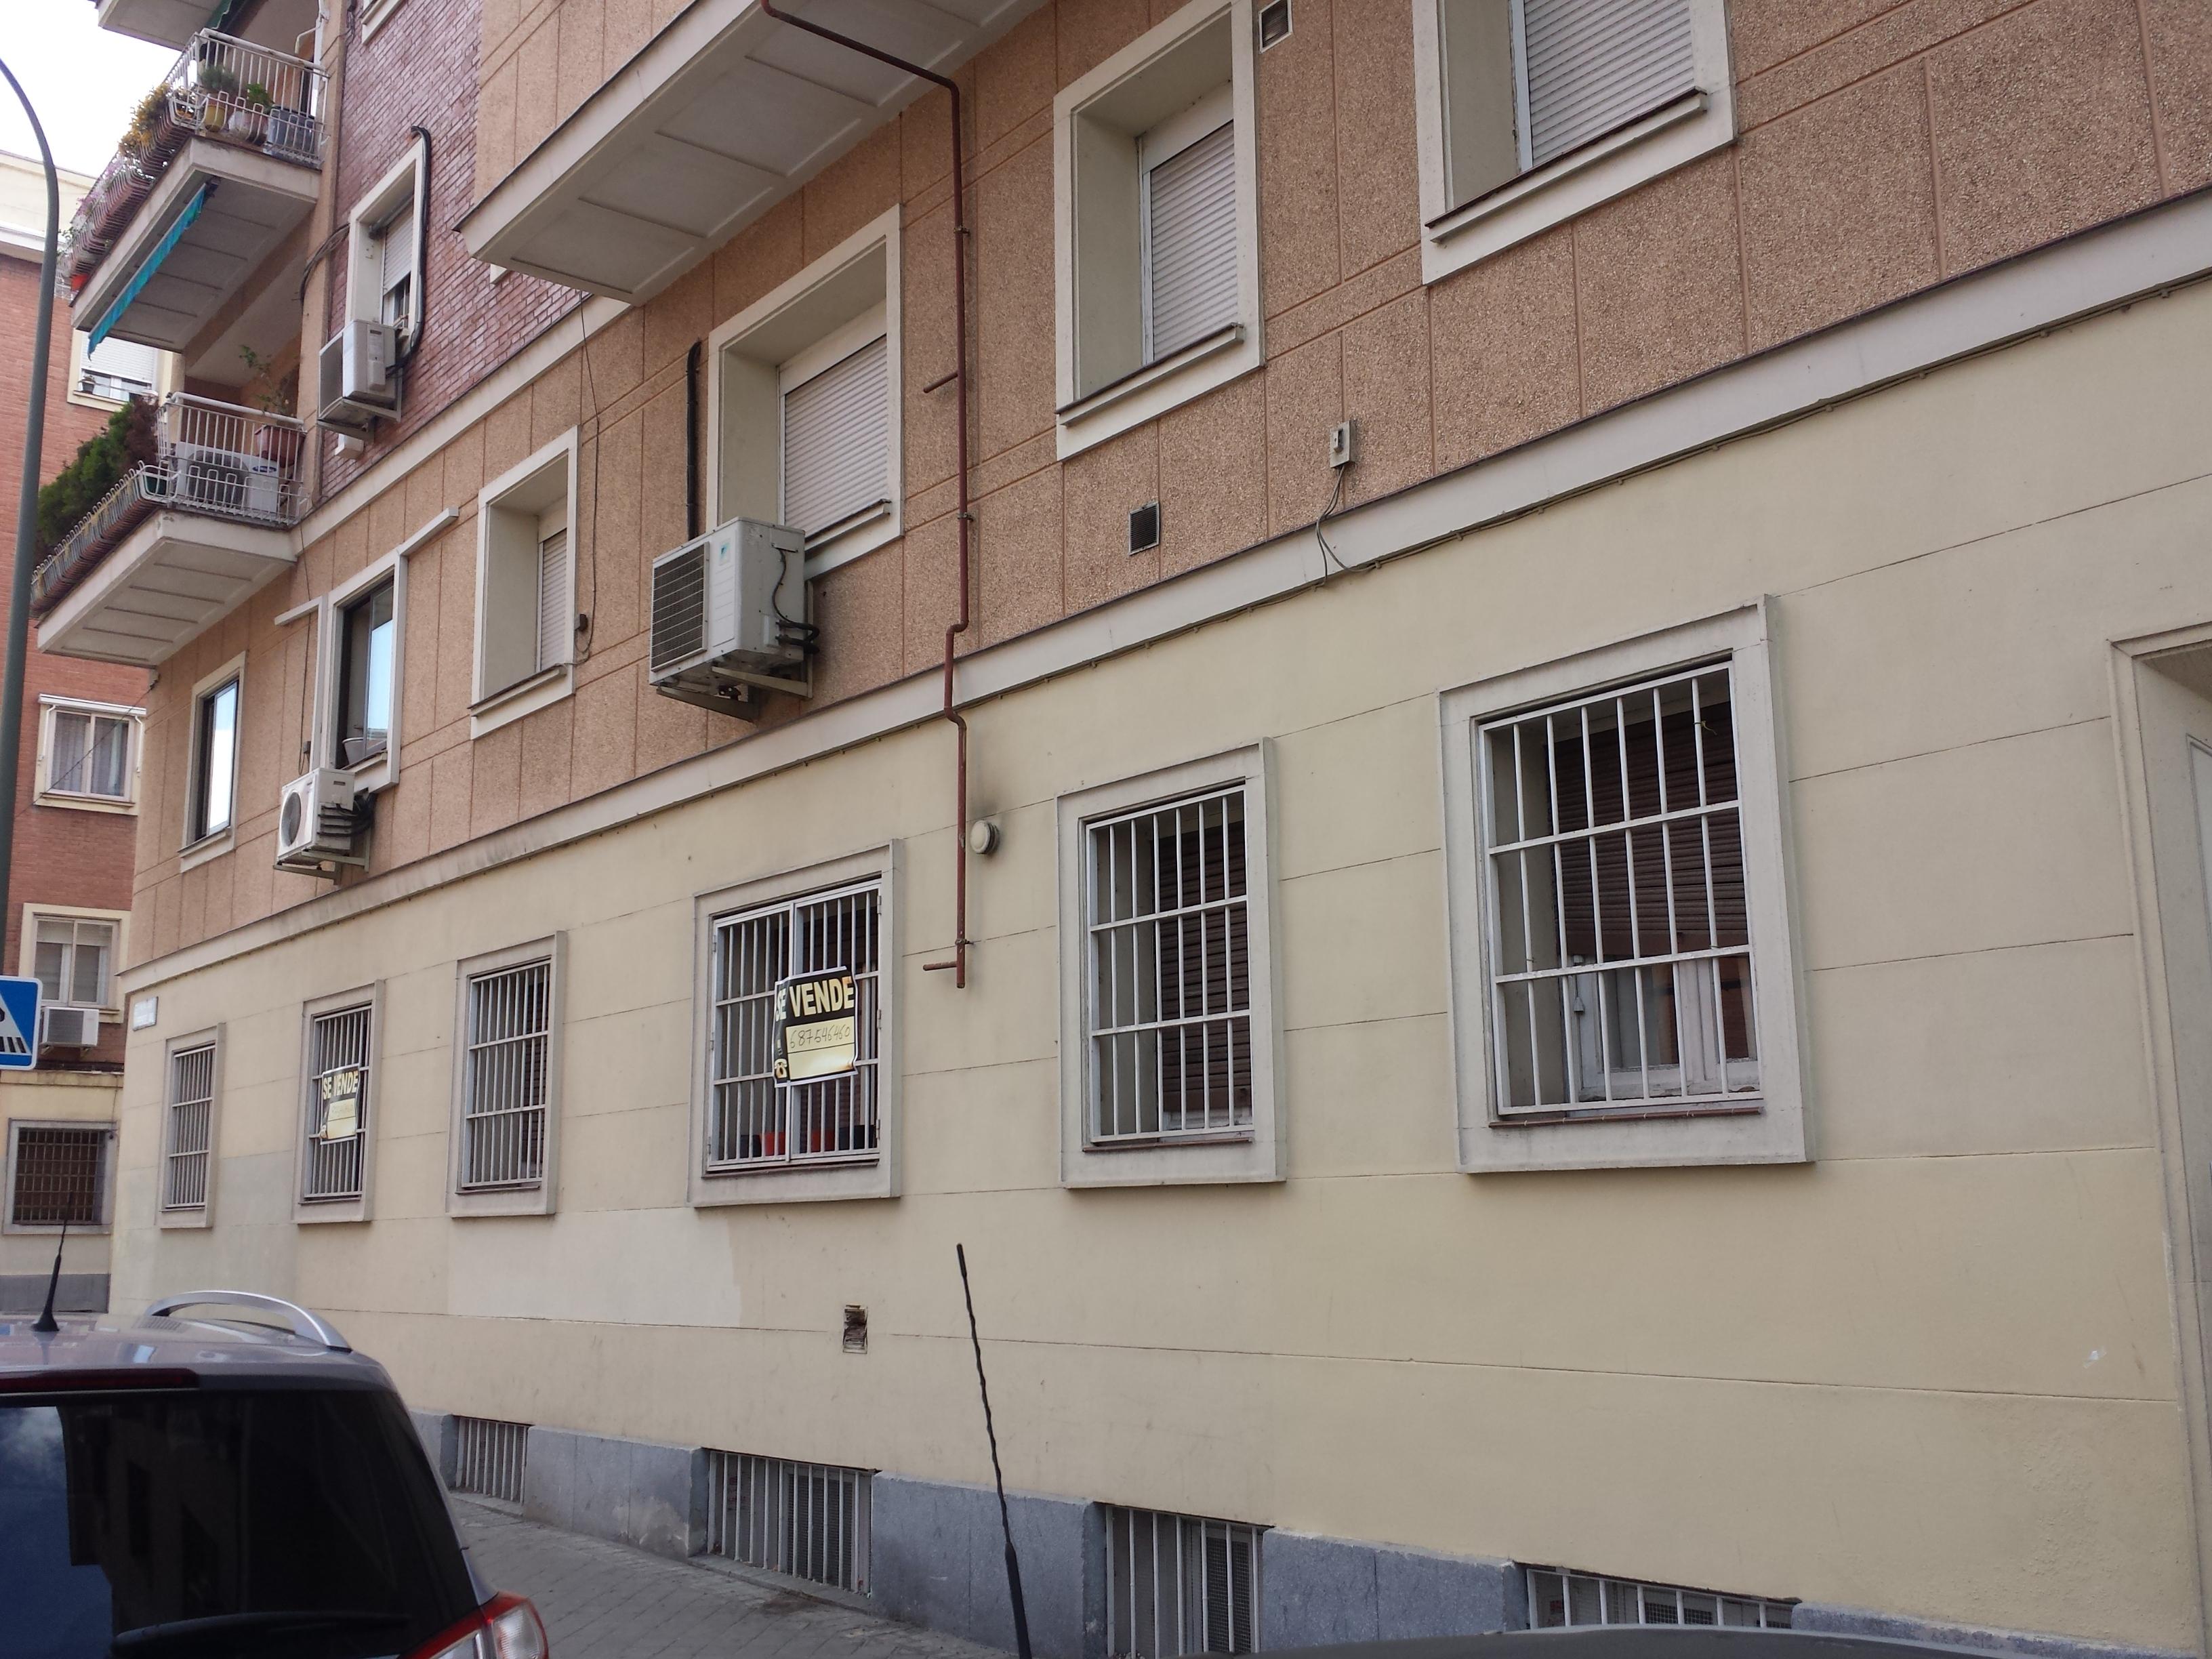 Barrio de la concepci n en madrid para reformar pisos y - Pisos para reformar en madrid ...